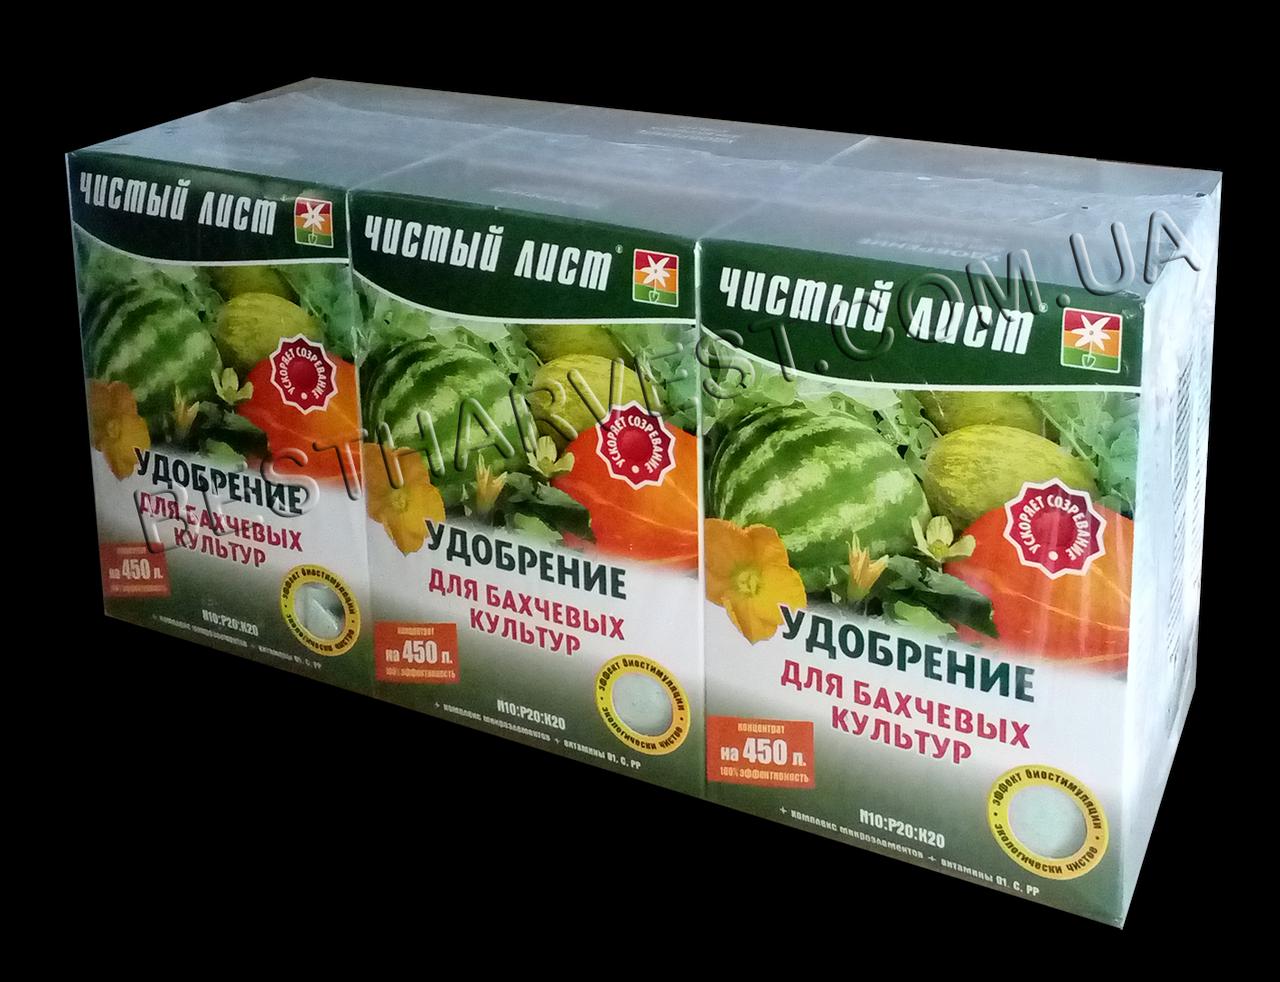 Удобрение для бахчевых культур 300 г «Чистый лист», оригинал